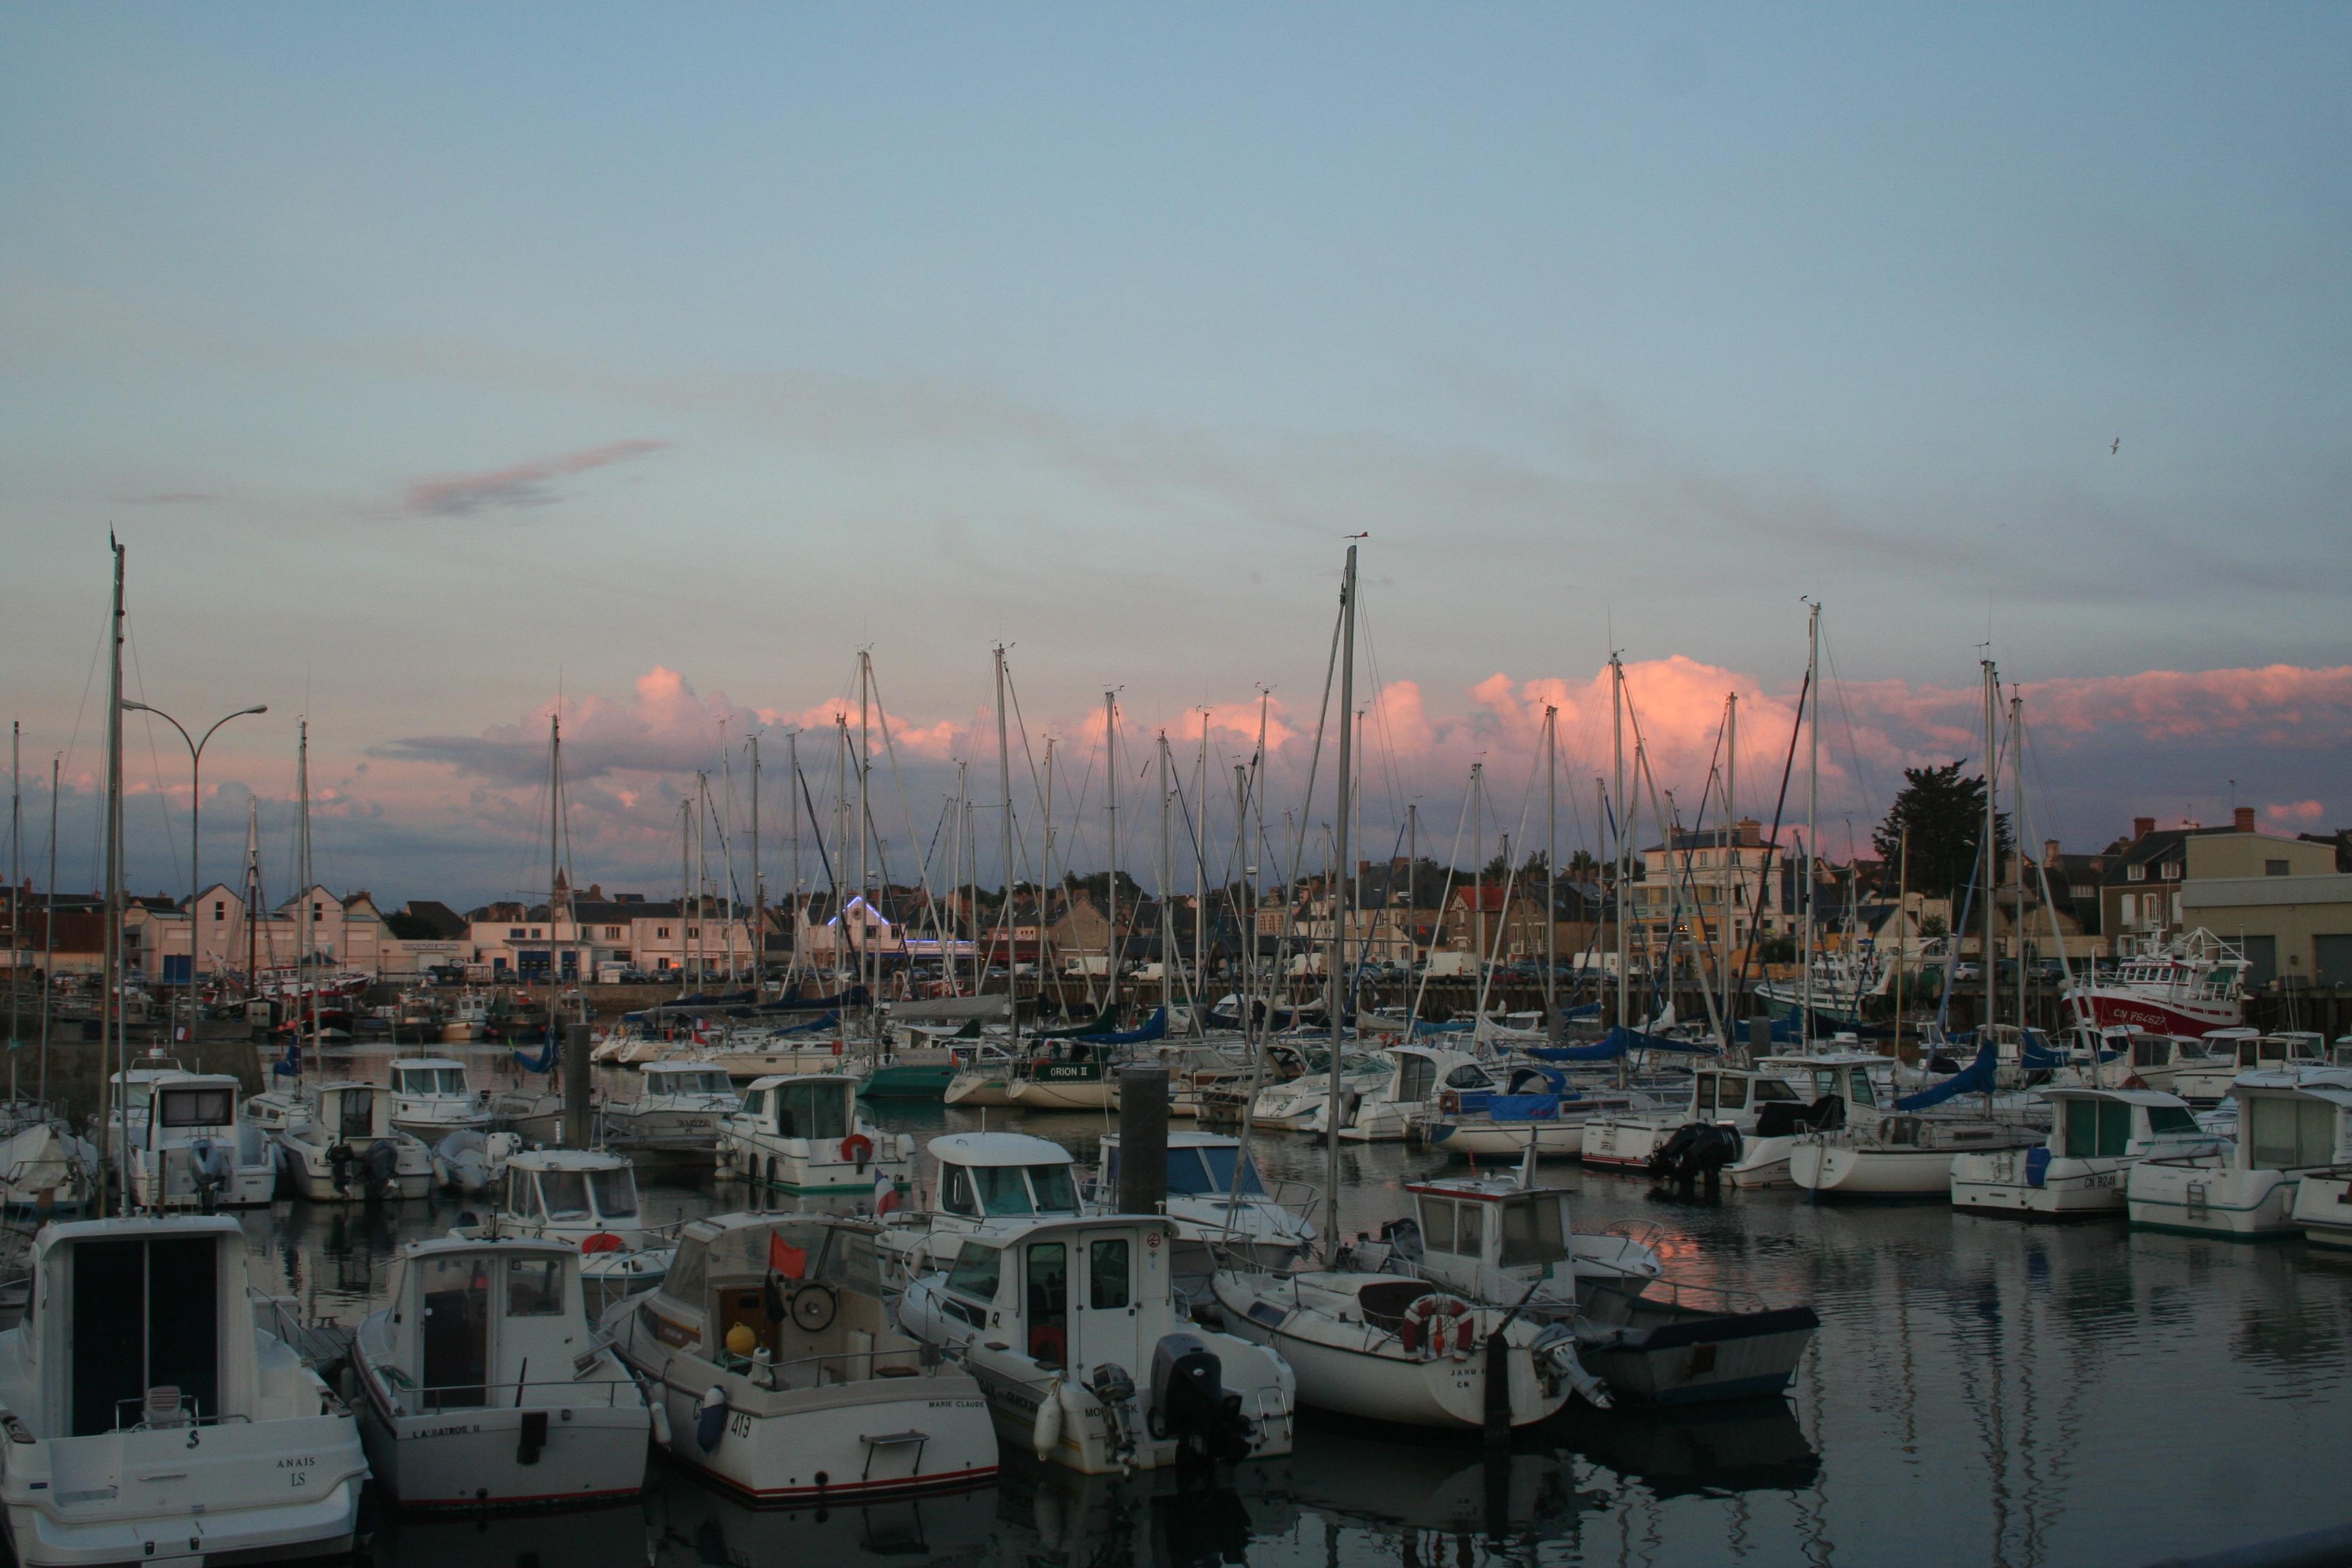 Grandcamp Maisy - Le port de plaisance